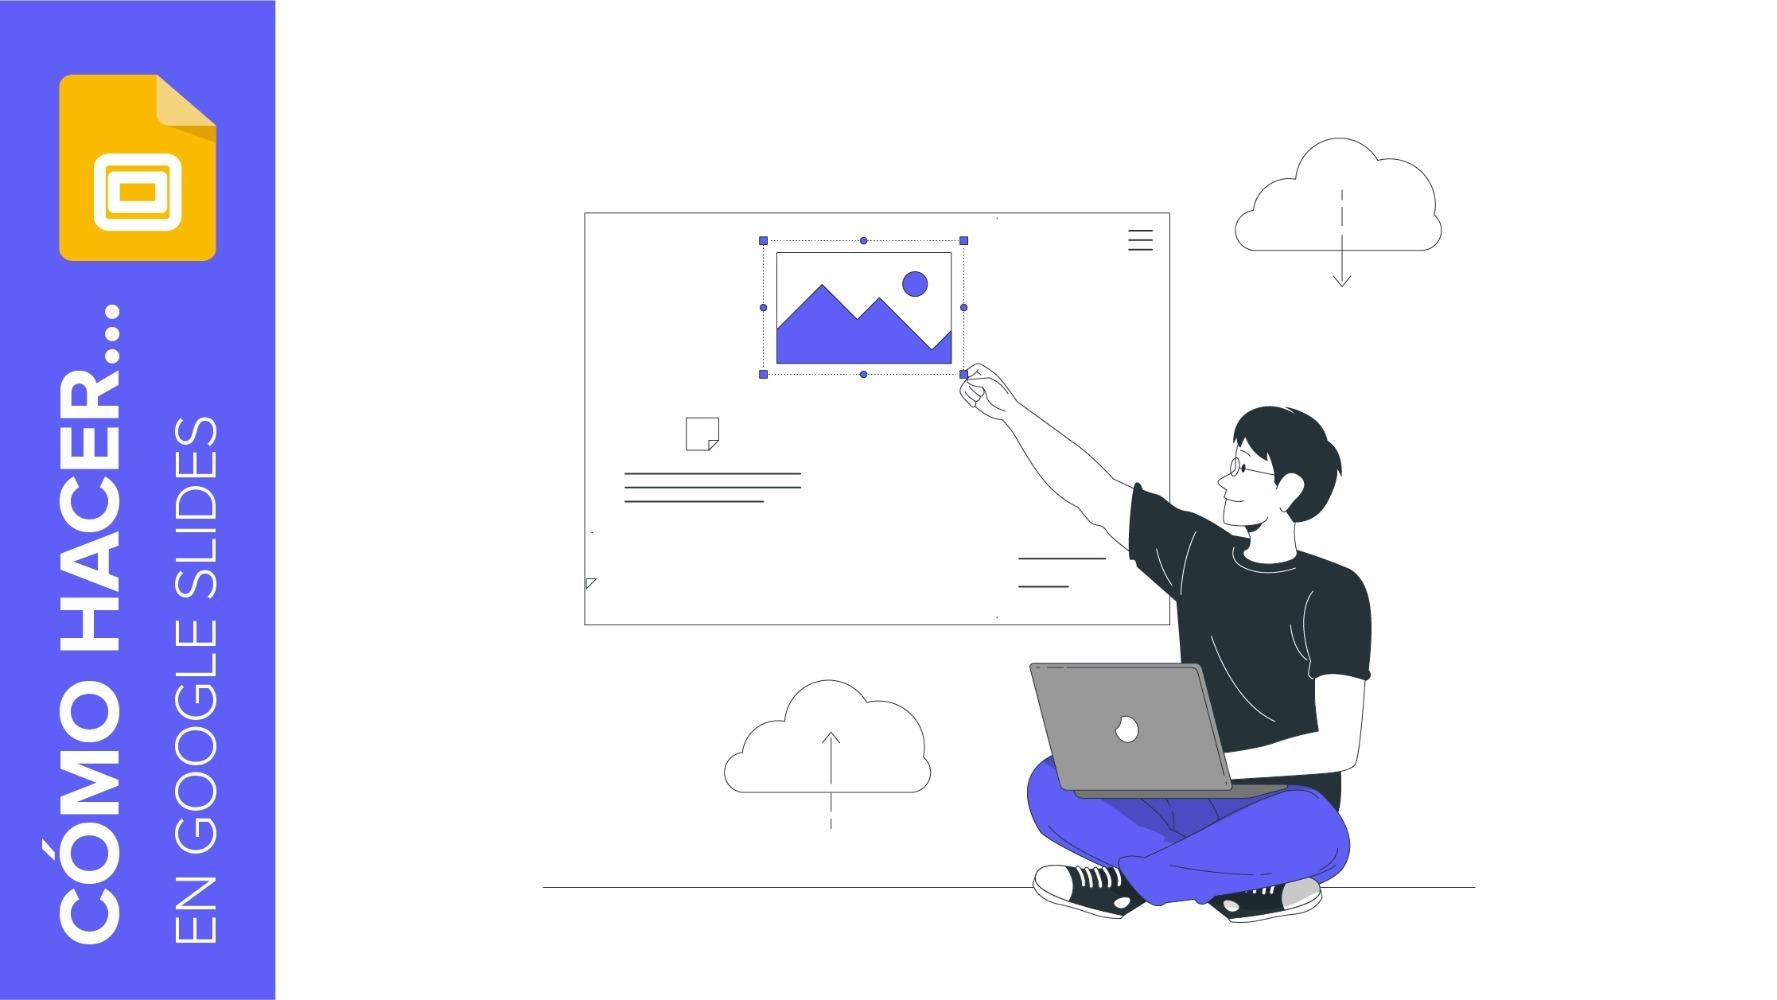 Cómo cambiar la imagen y el color de fondo en Google Slides | Tutoriales y Tips para tus presentaciones